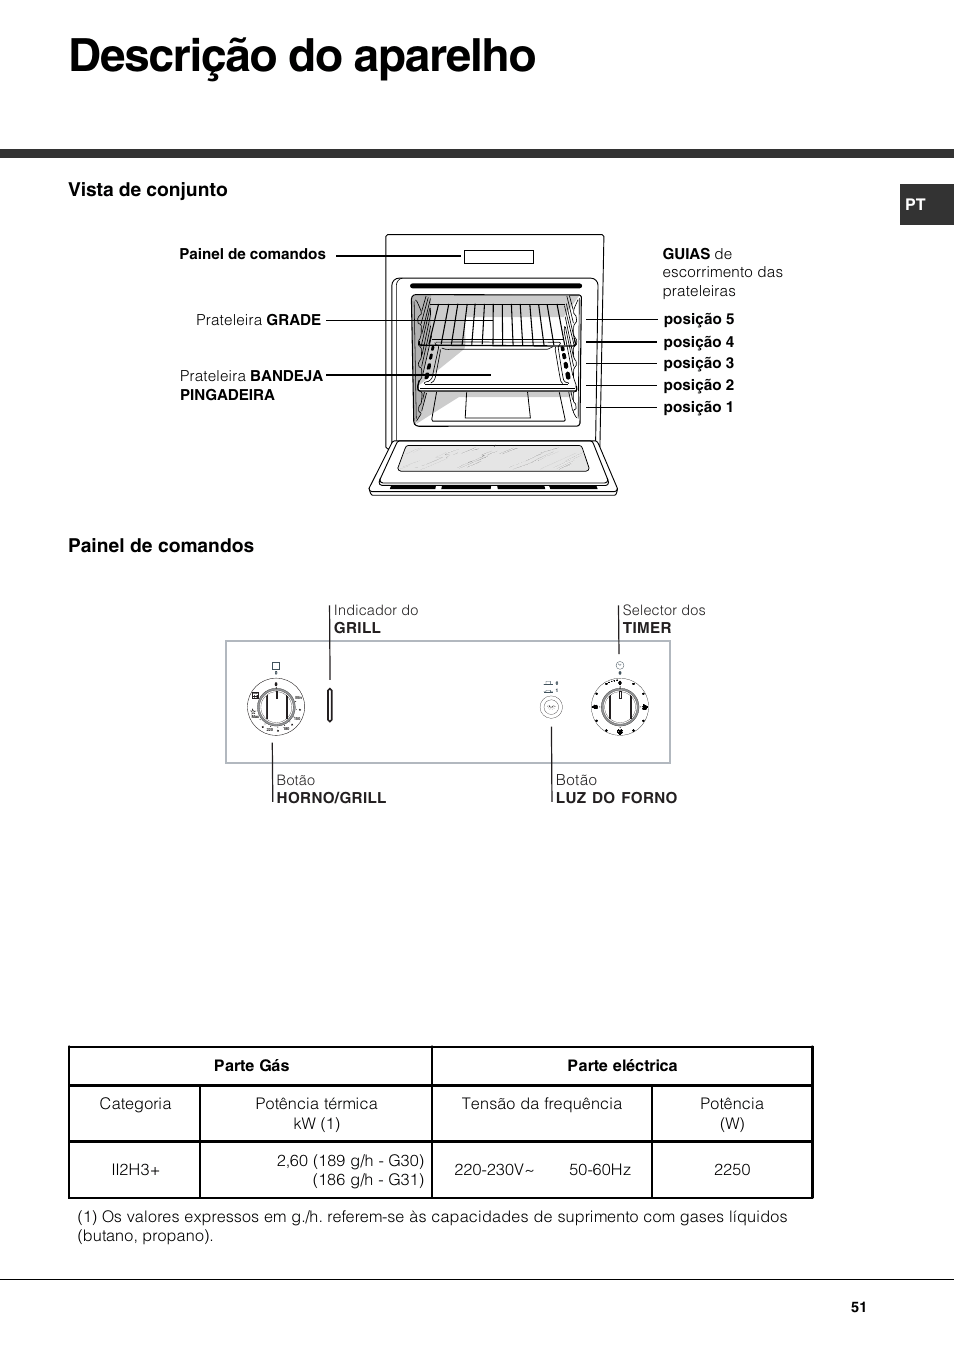 Descrição do aparelho, Vista de conjunto painel de